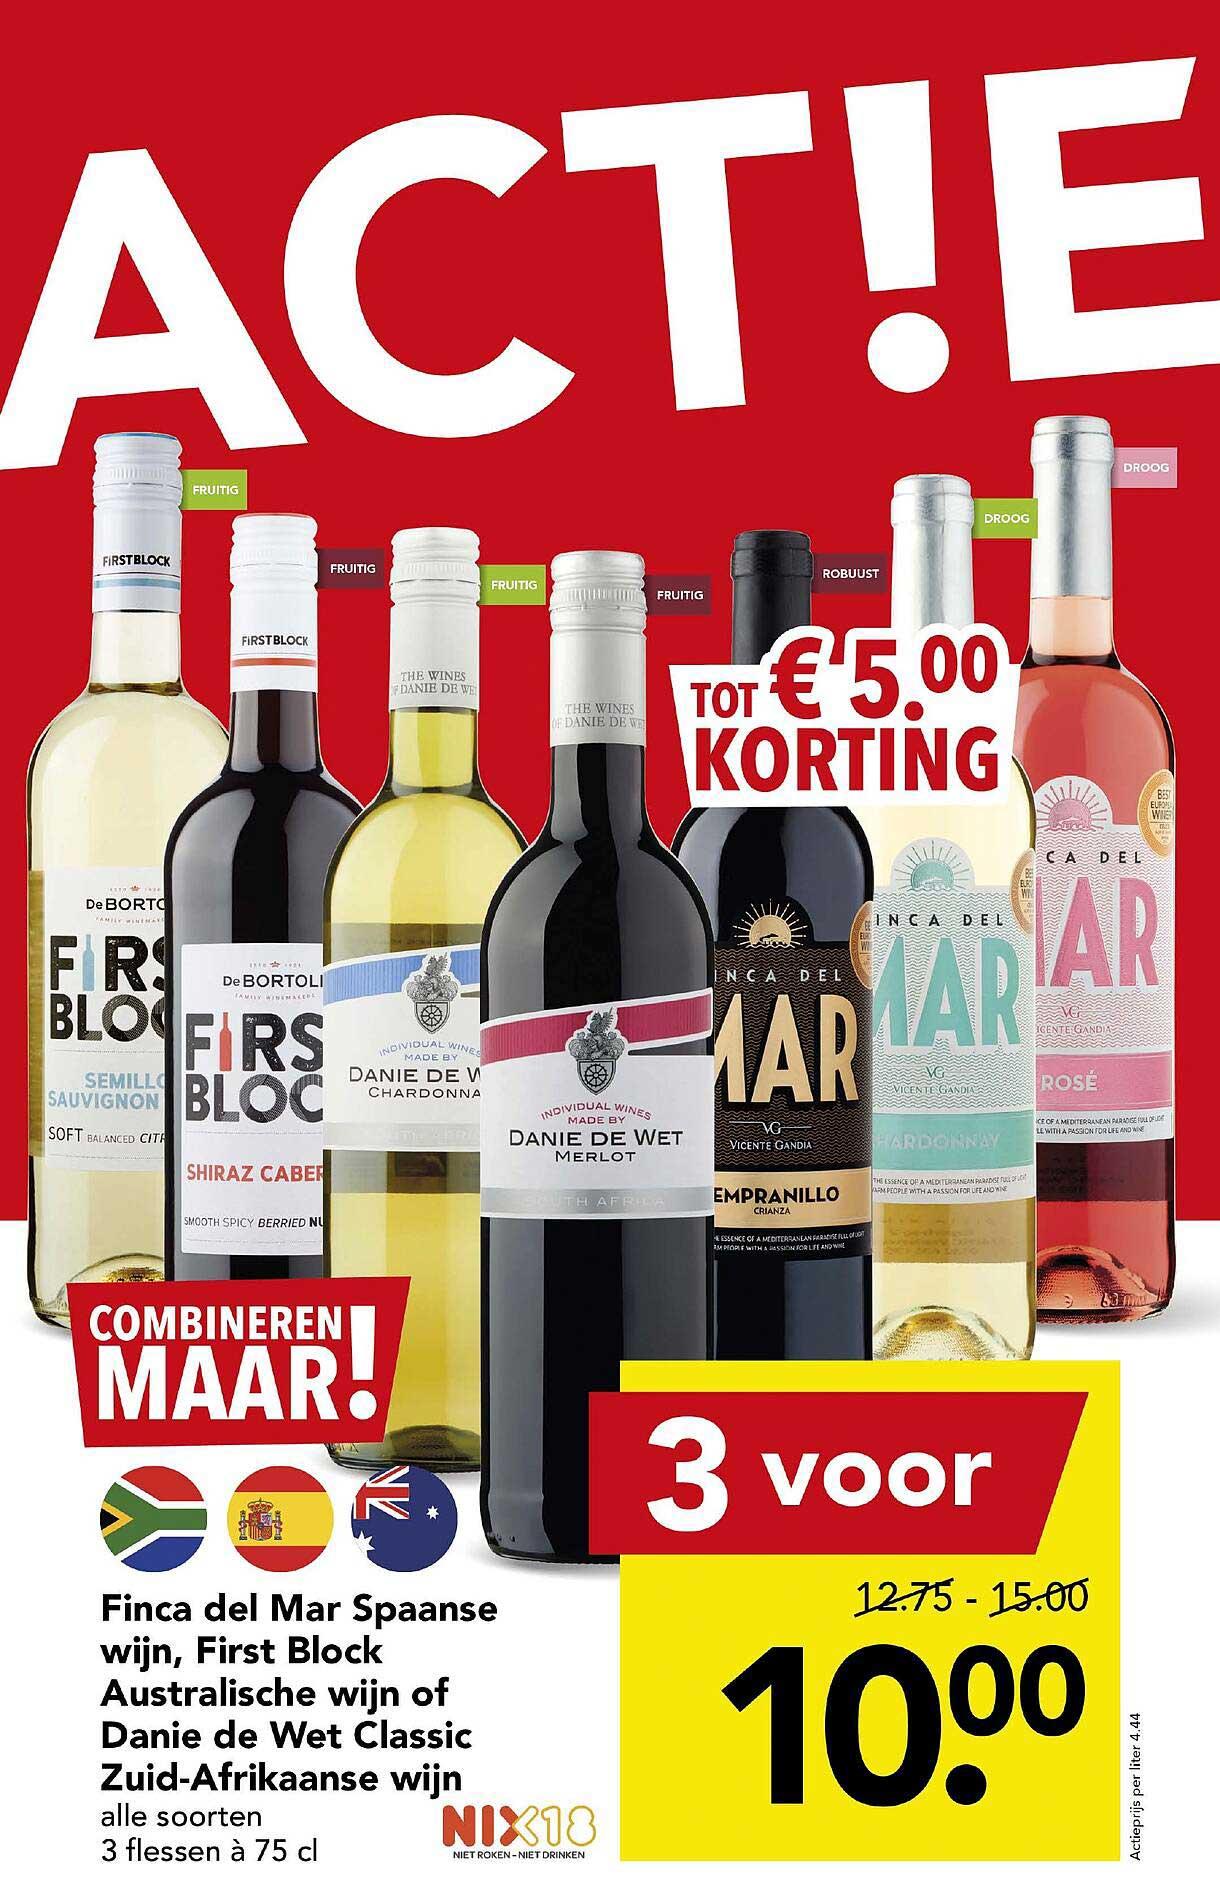 DEEN Finca Del Mar Spaanse Wijn, First Block Australische Wijn Of Danie De Wet Classic Zuid-Afrikaanse Wijn